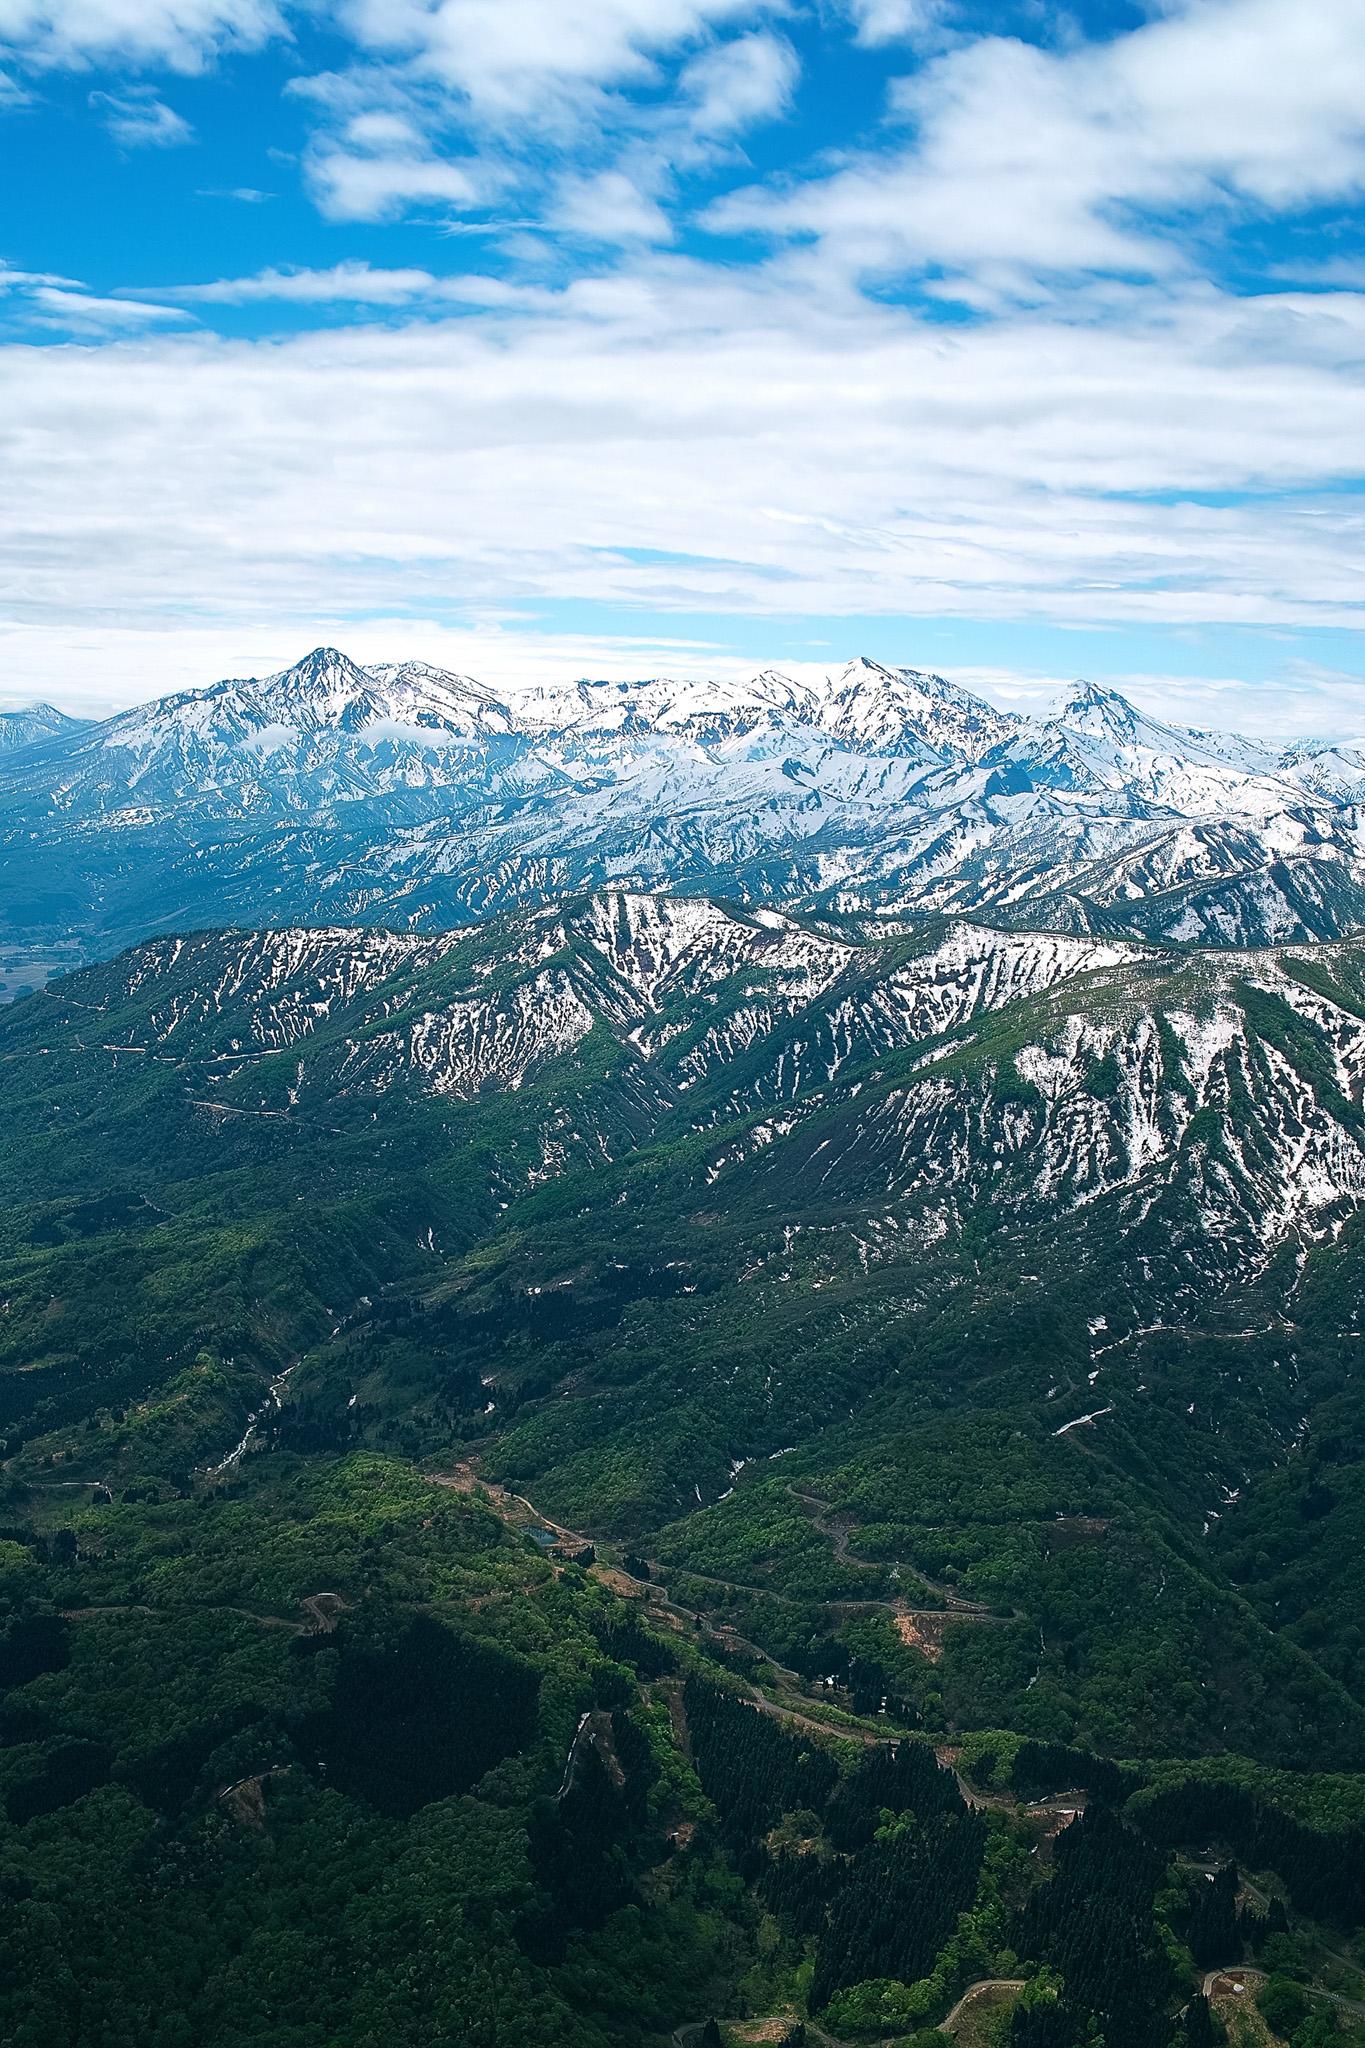 「緑の山麓に残雪の山頂が雄大な春の山地」